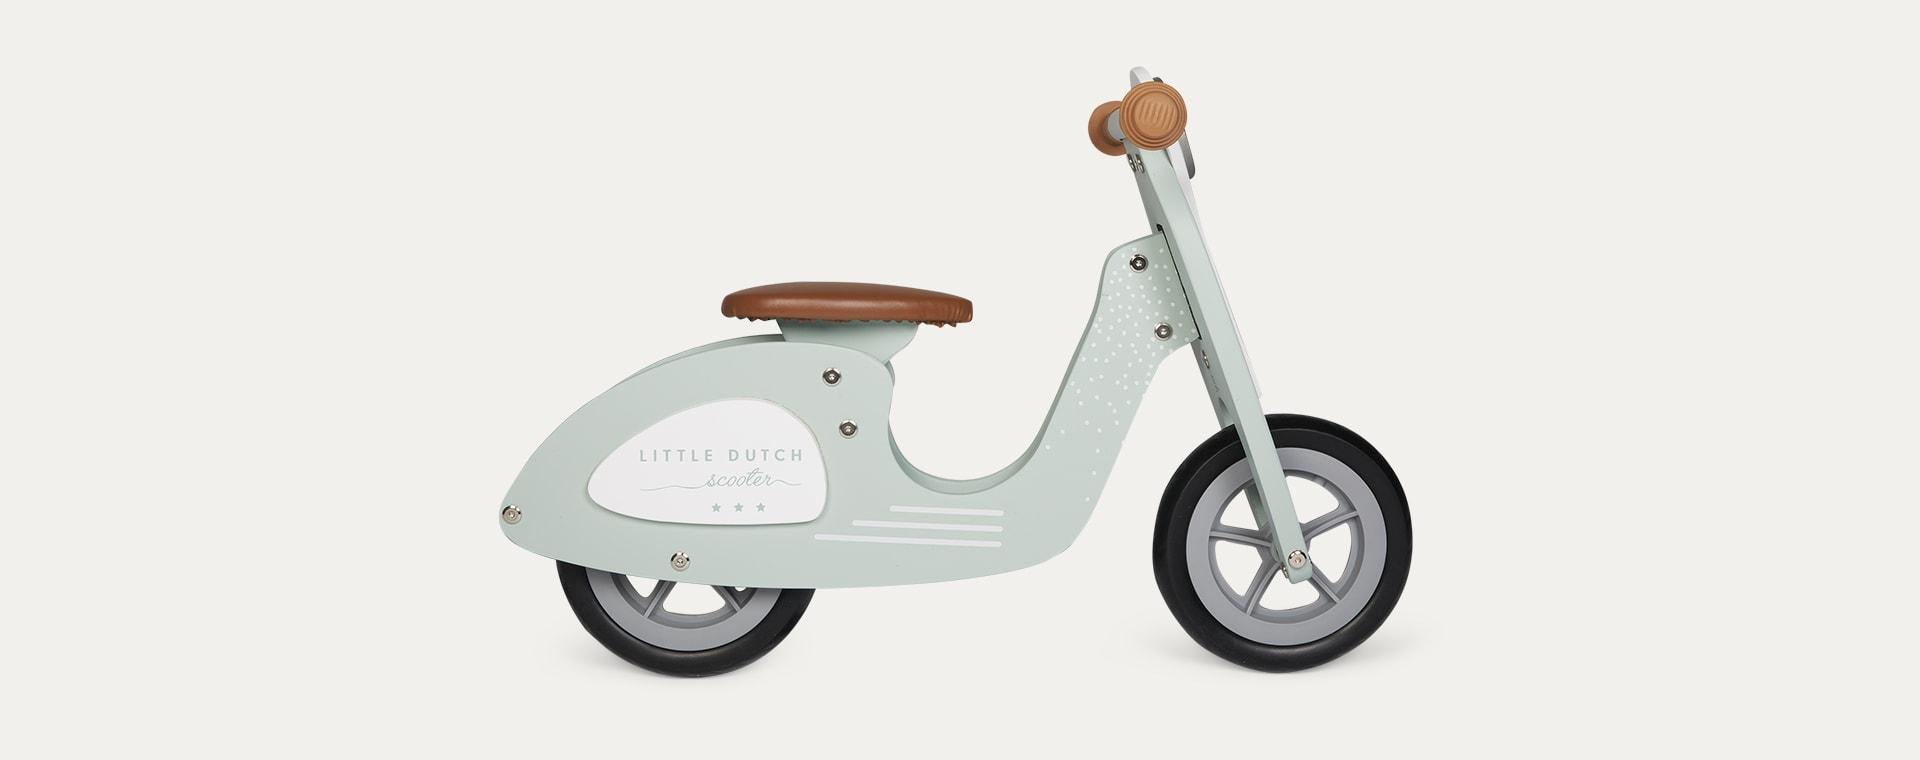 Mint Little Dutch Balance Scooter